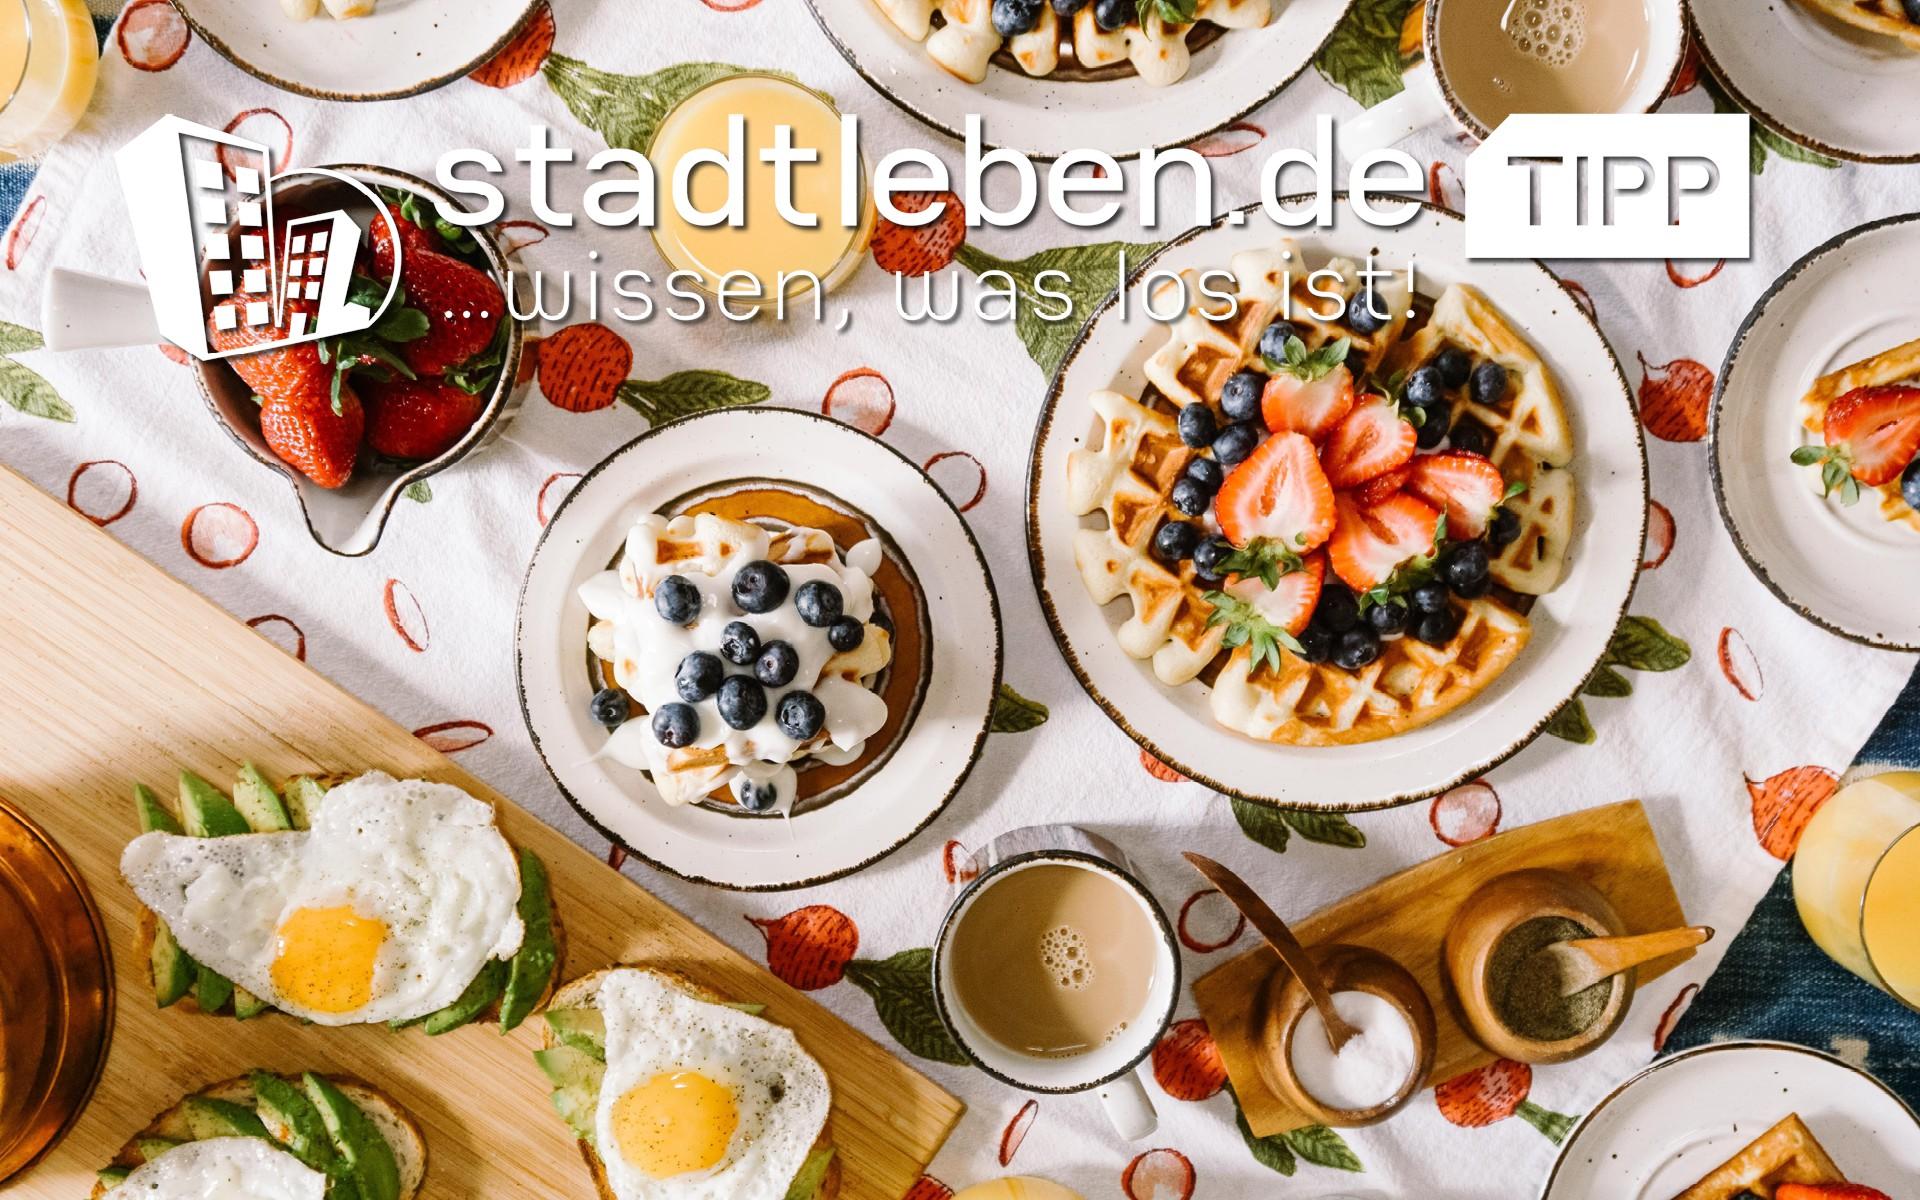 Frühstück mit Brötchen, Croissants, O-Saft, Orangen, Melone, Marmelade